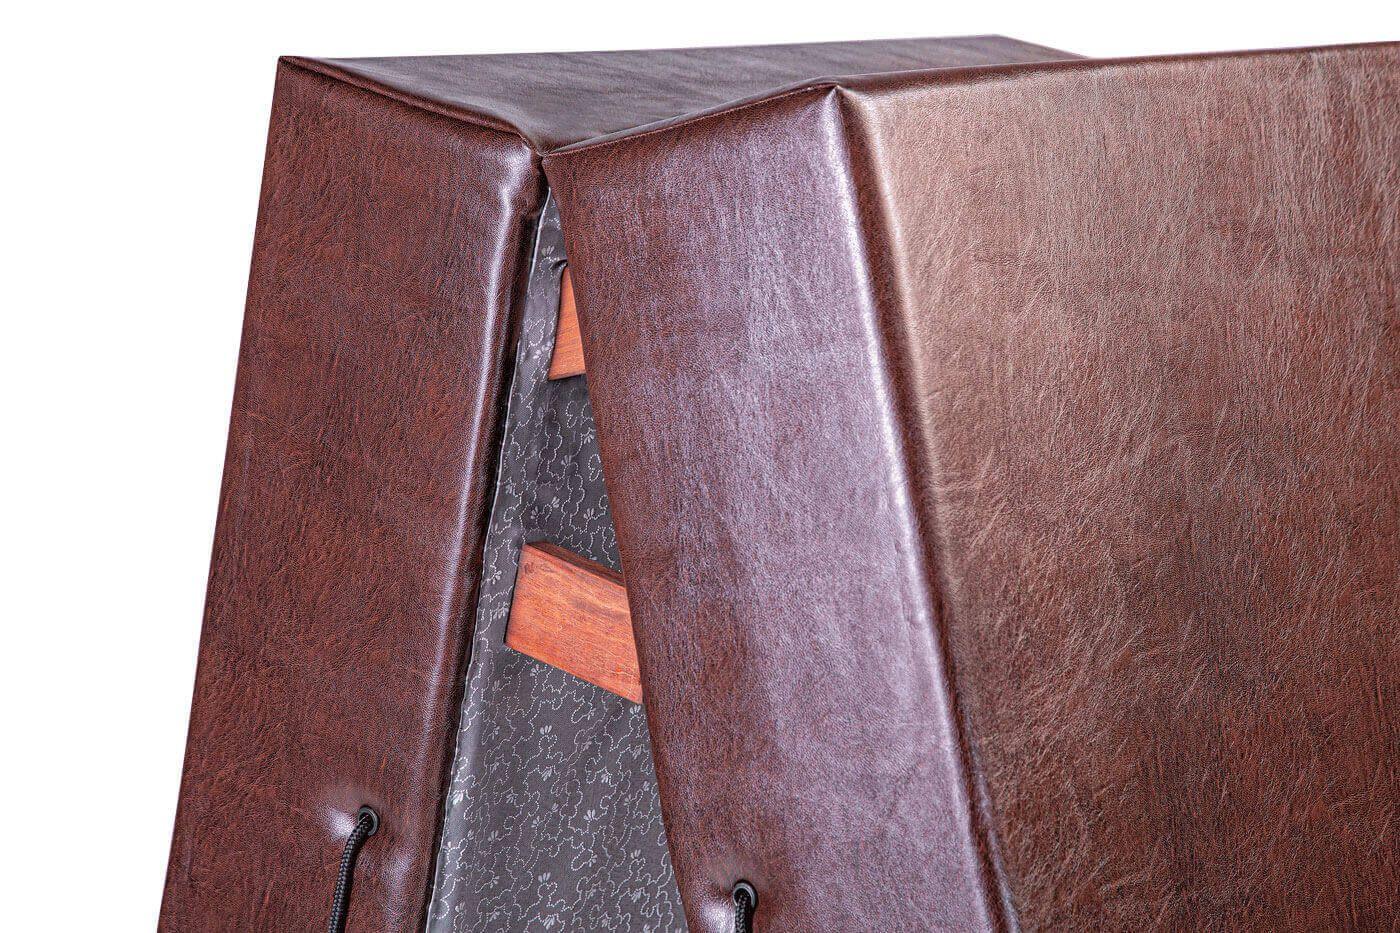 Cama Dobrável, Solteiro de Abrir com Colchão Embutido 90cm x 190cm CORINO Kenko Premium  - Kenko Premium Colchões